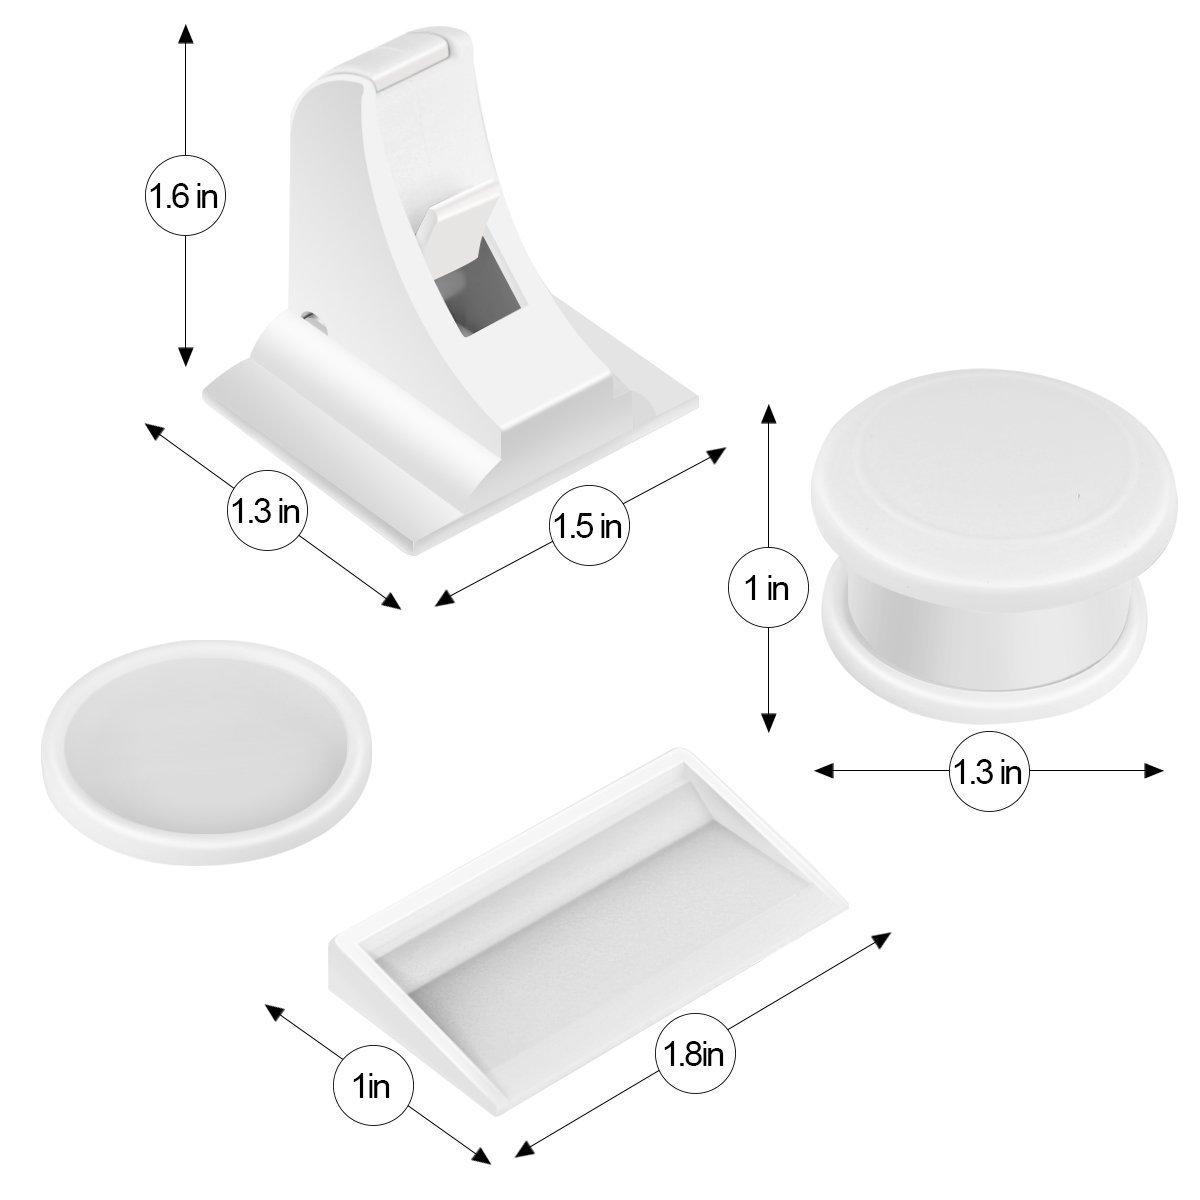 1 cl/é 6 verrous JFUNE tiroirs magn/étique de s/écurit/é Locks B/éb/é et Enfant de s/écurit/é magn/étique Serrure de meuble